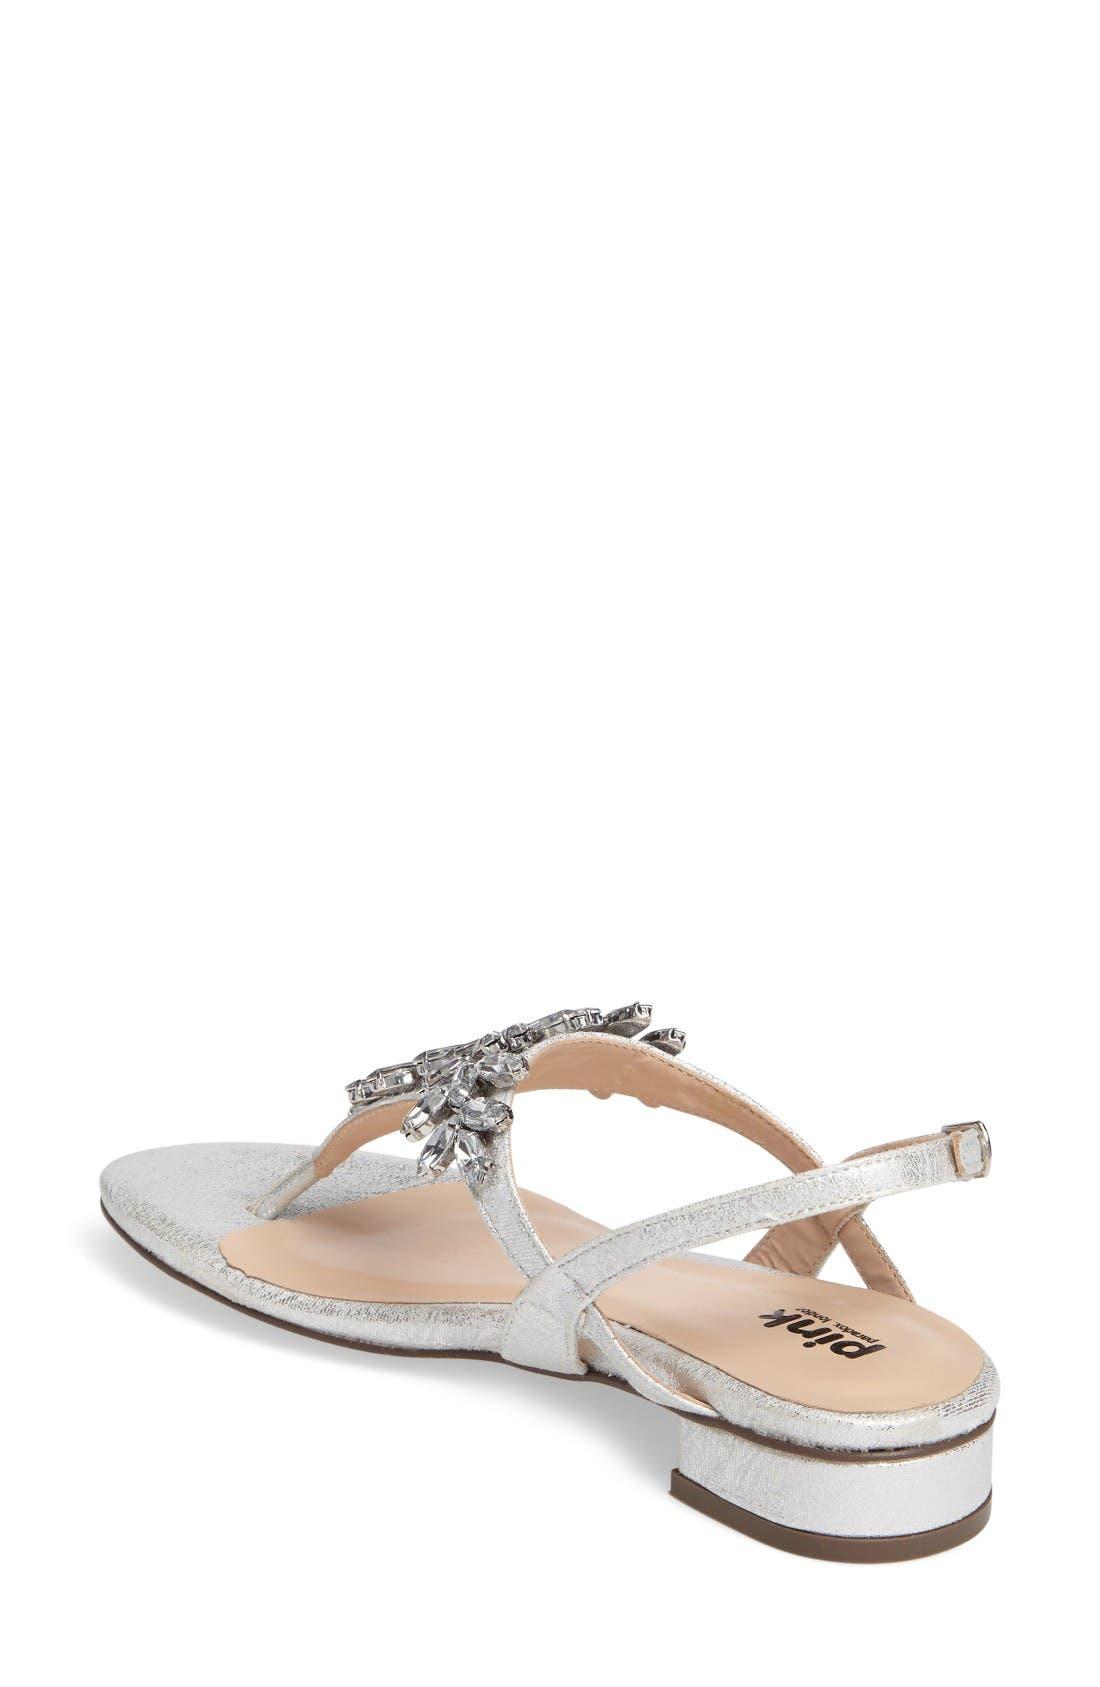 Flame Crystal Embellished Sandal,                             Alternate thumbnail 2, color,                             Silver